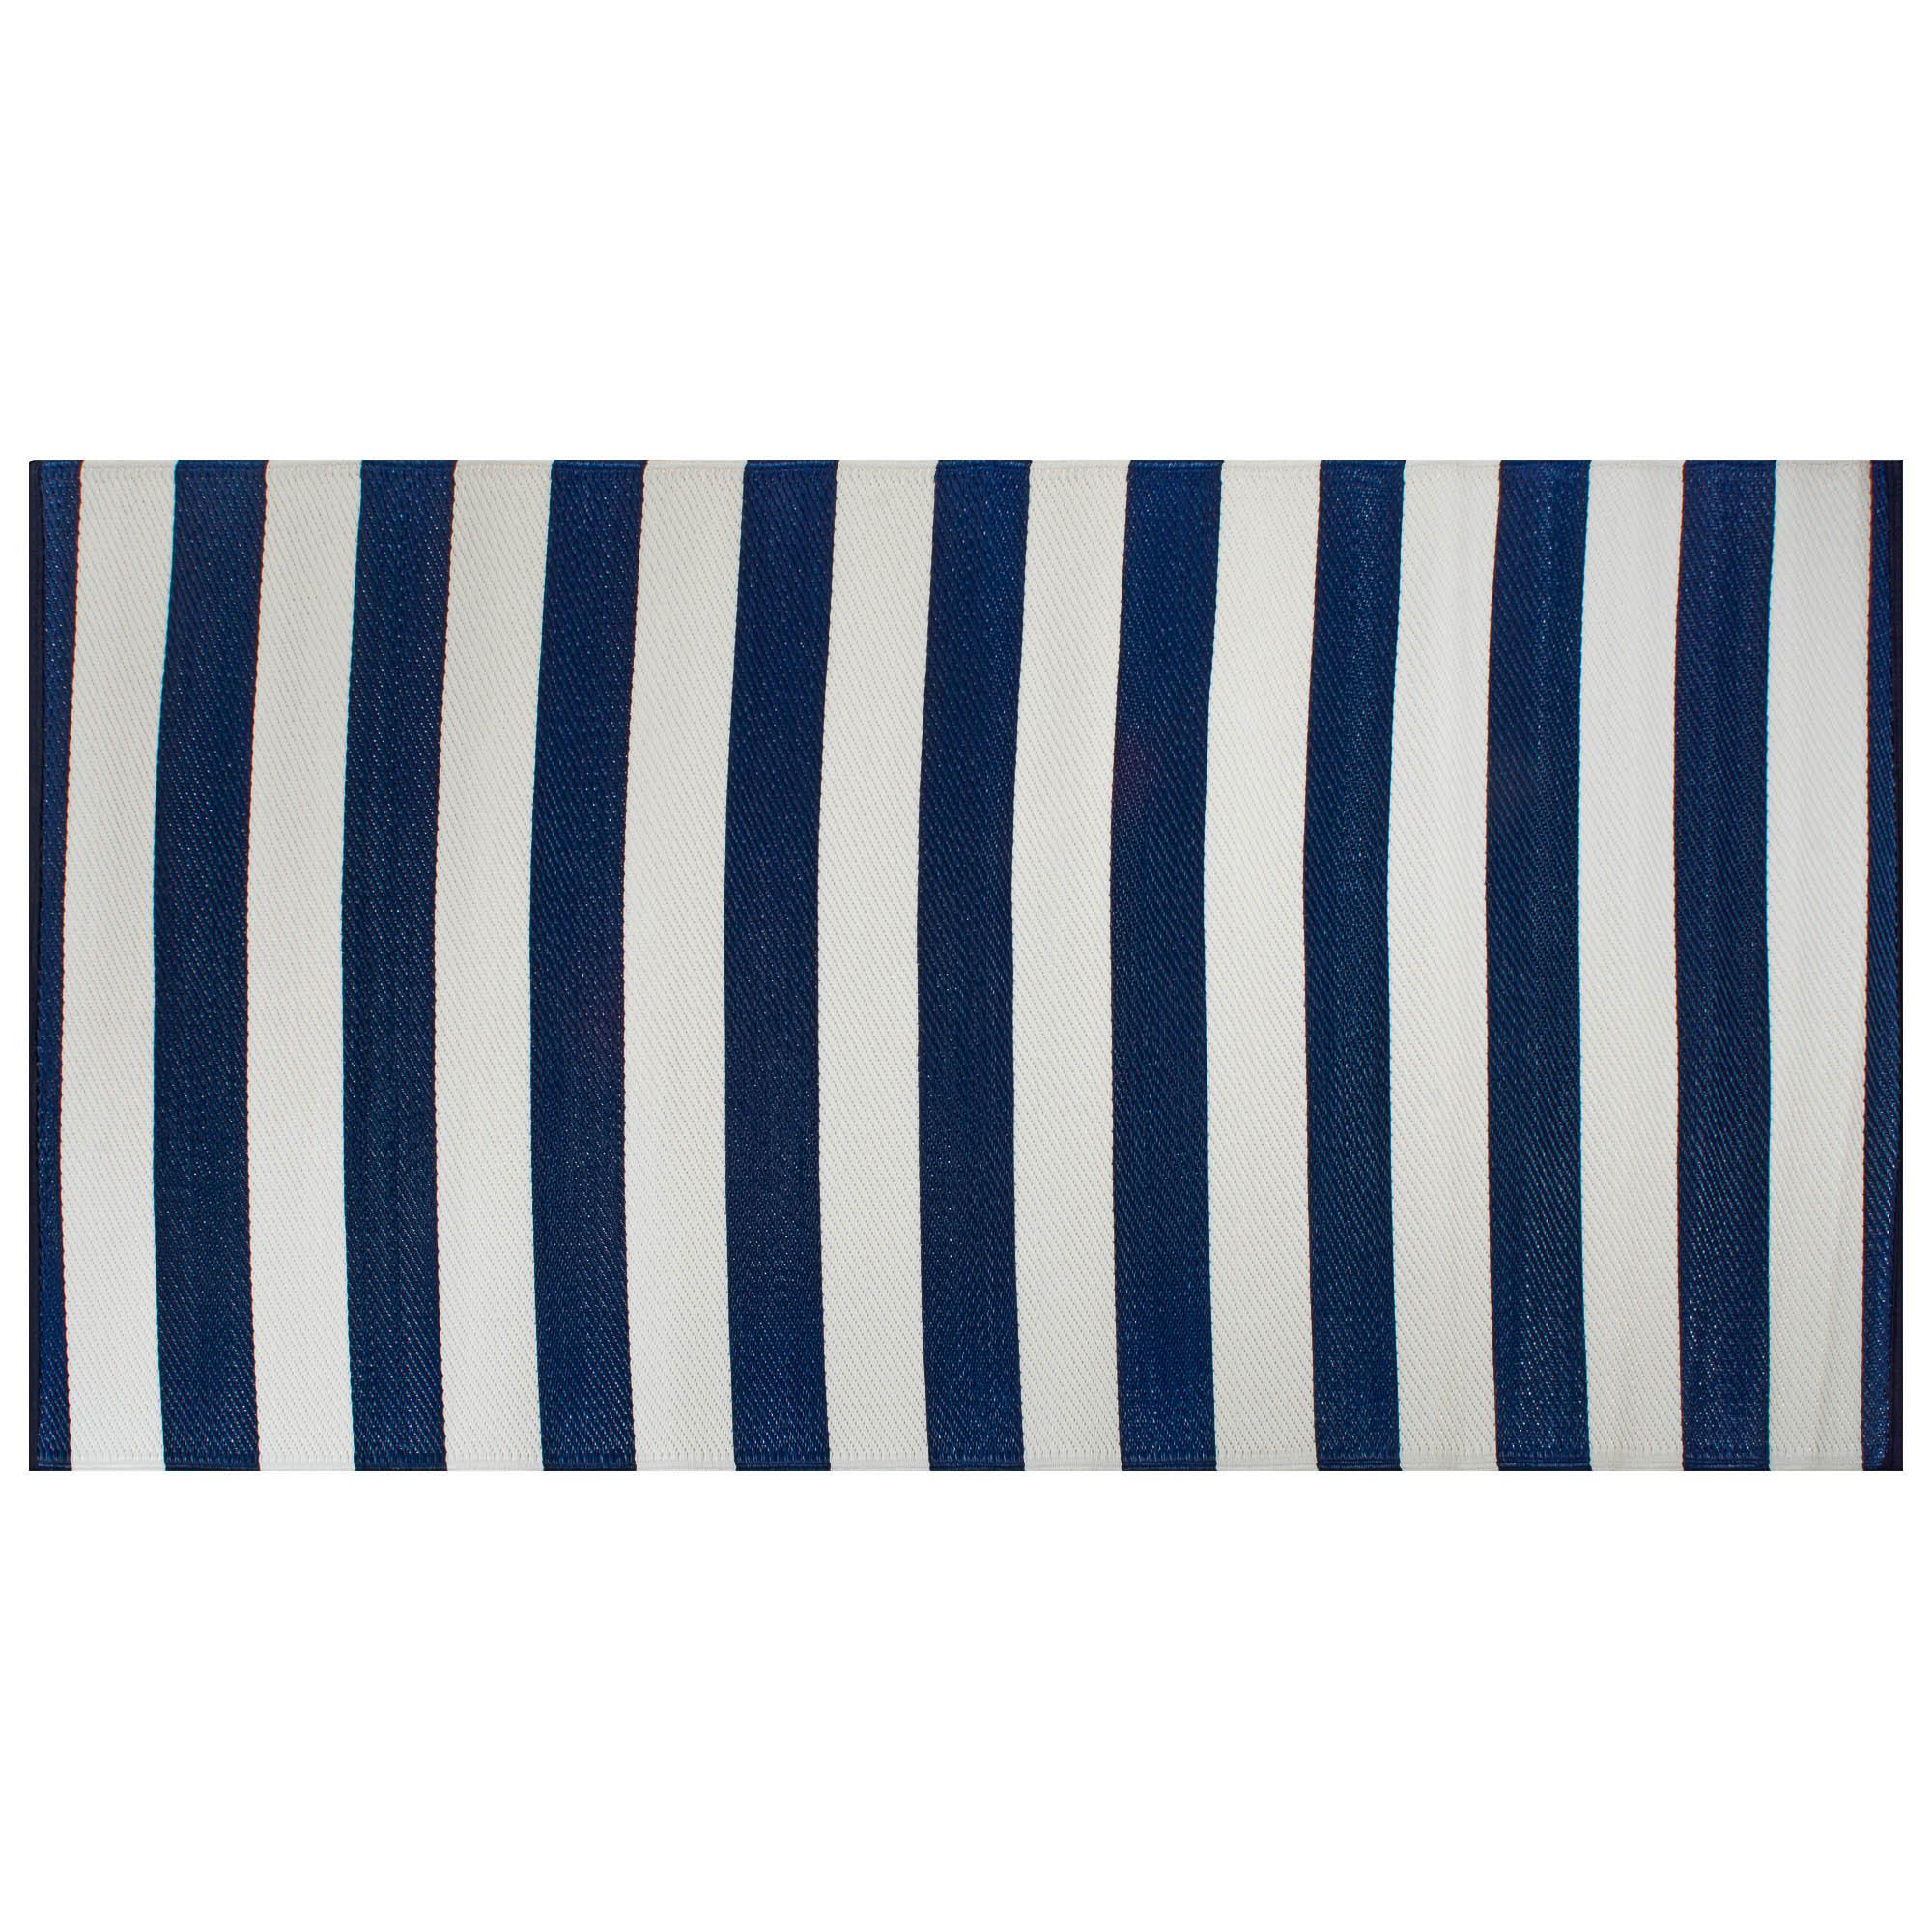 4 X 6 Navy Blue And White Rectangular Striped Outdoor Rug Walmart Com Walmart Com